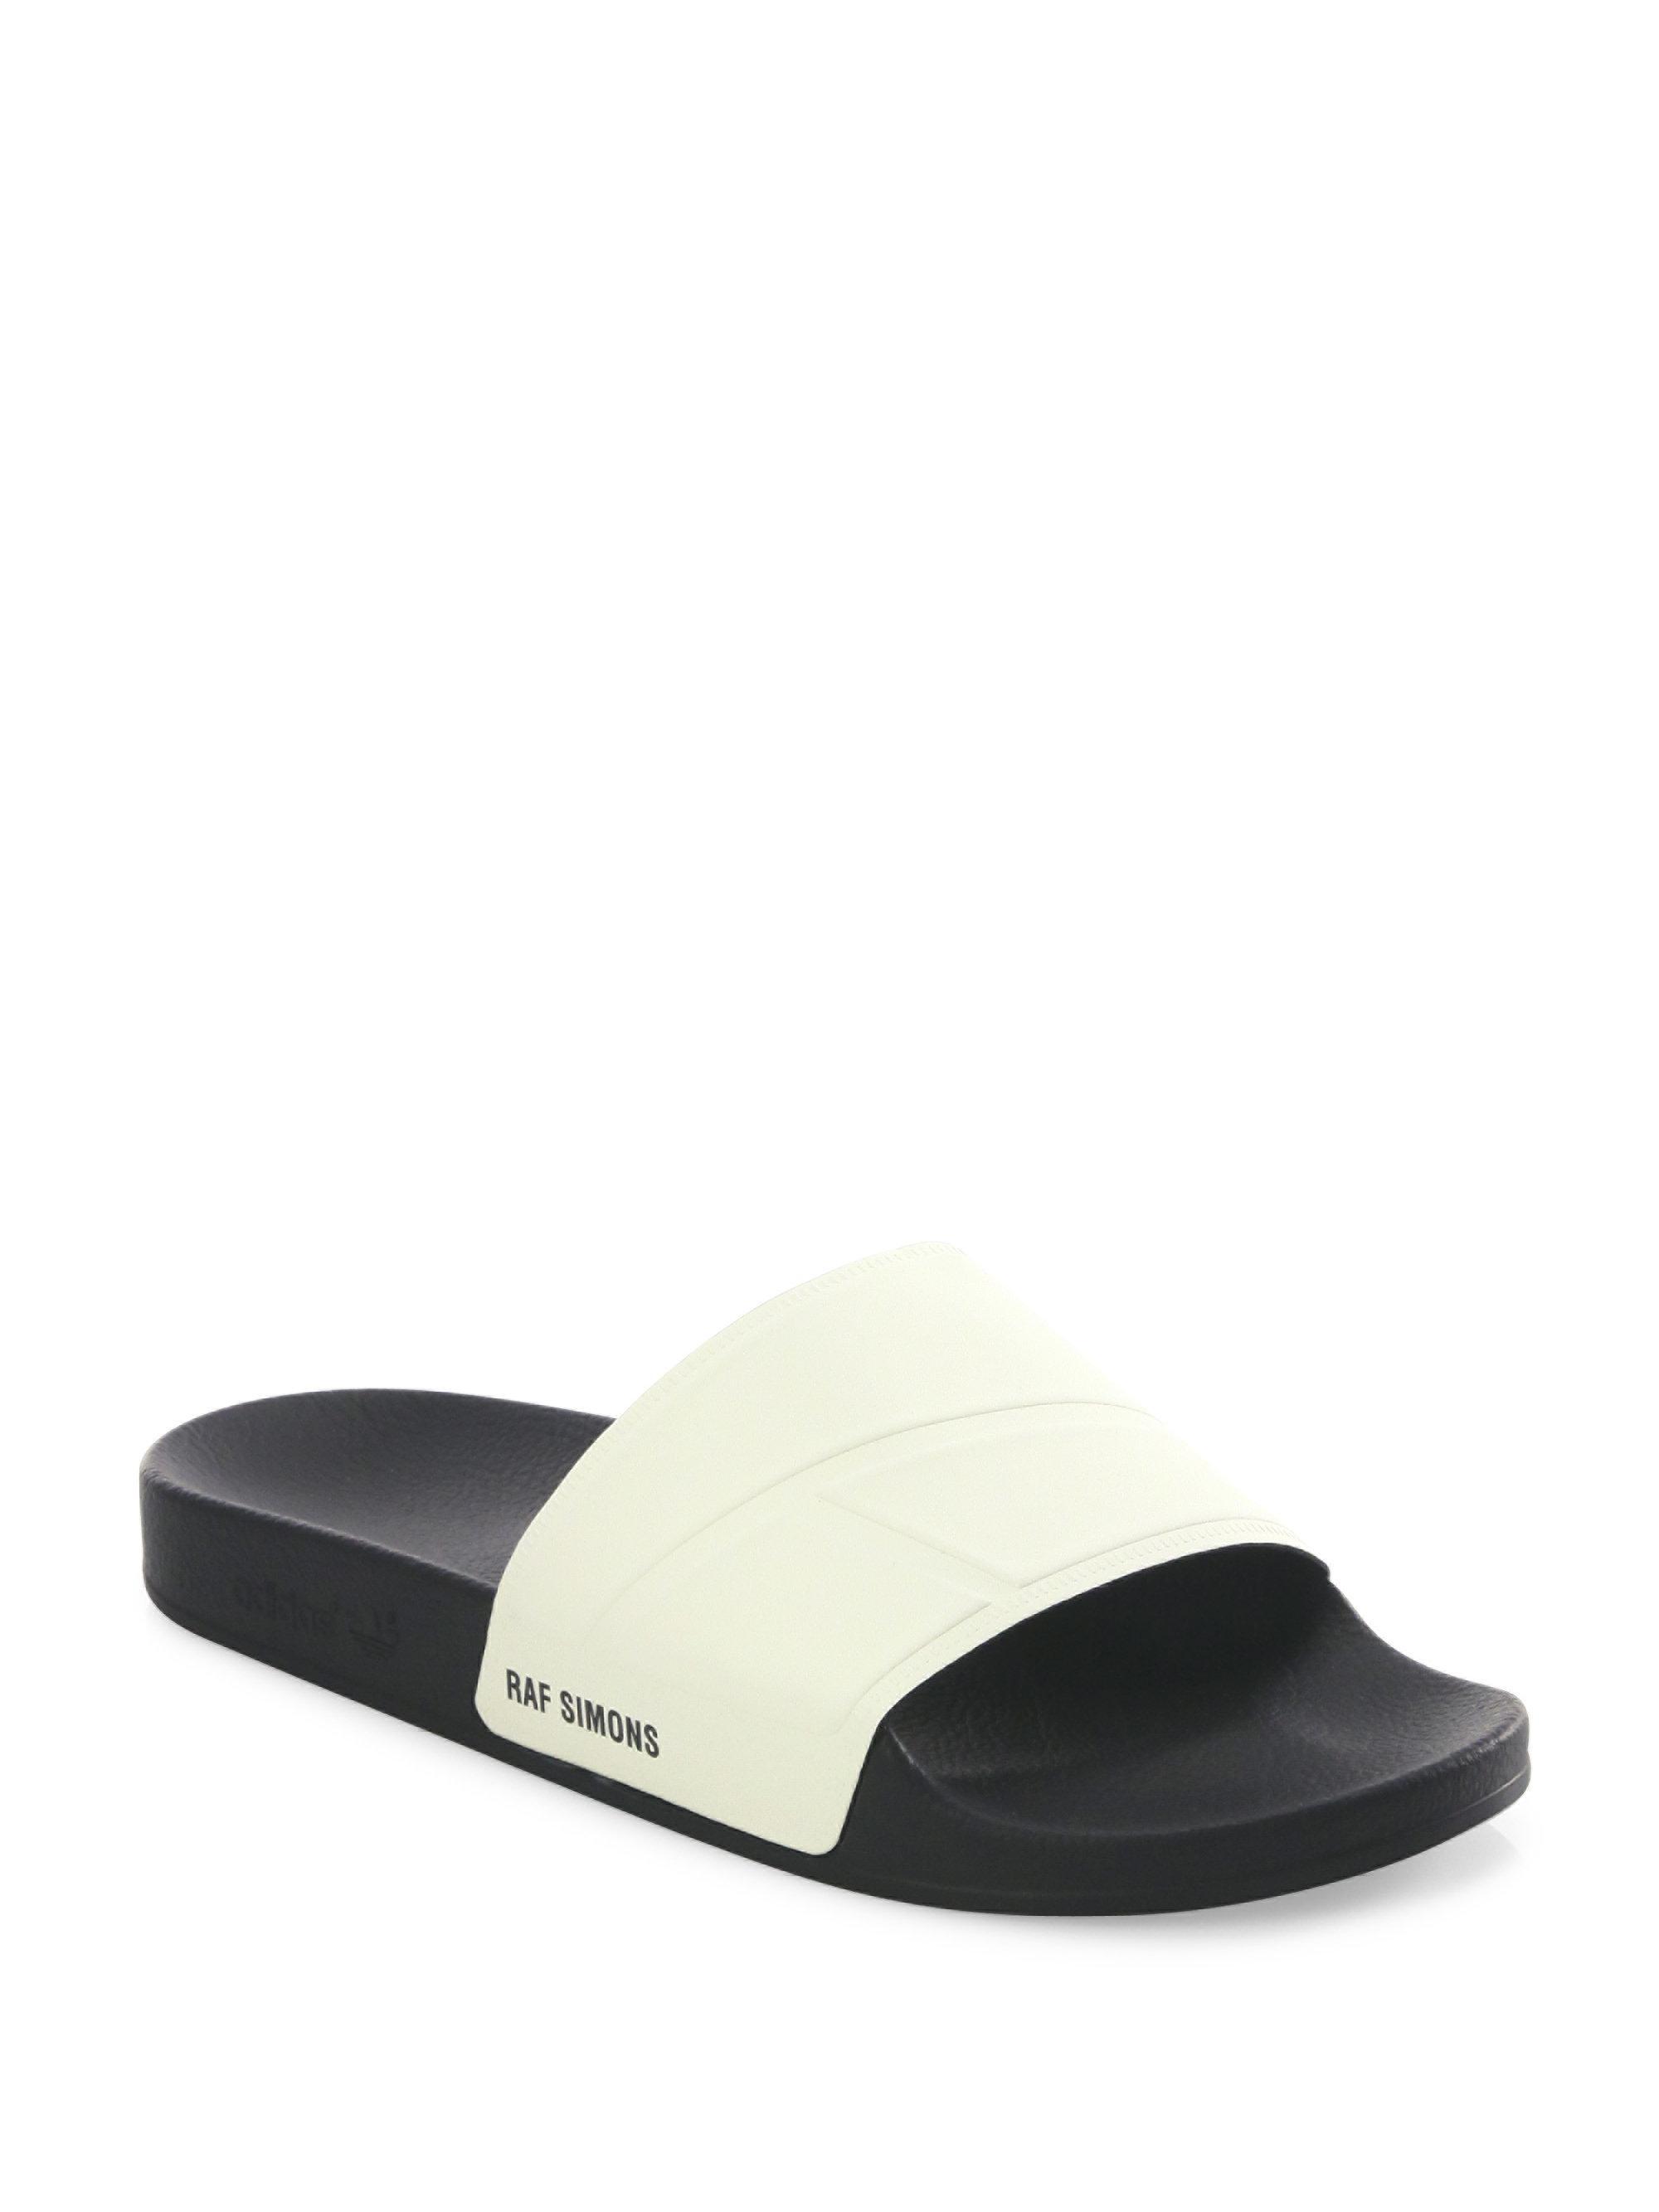 b5075fb6fdfba adidas By Raf Simons. Men s Bunny Adilette Rubber Slides - White Black ...